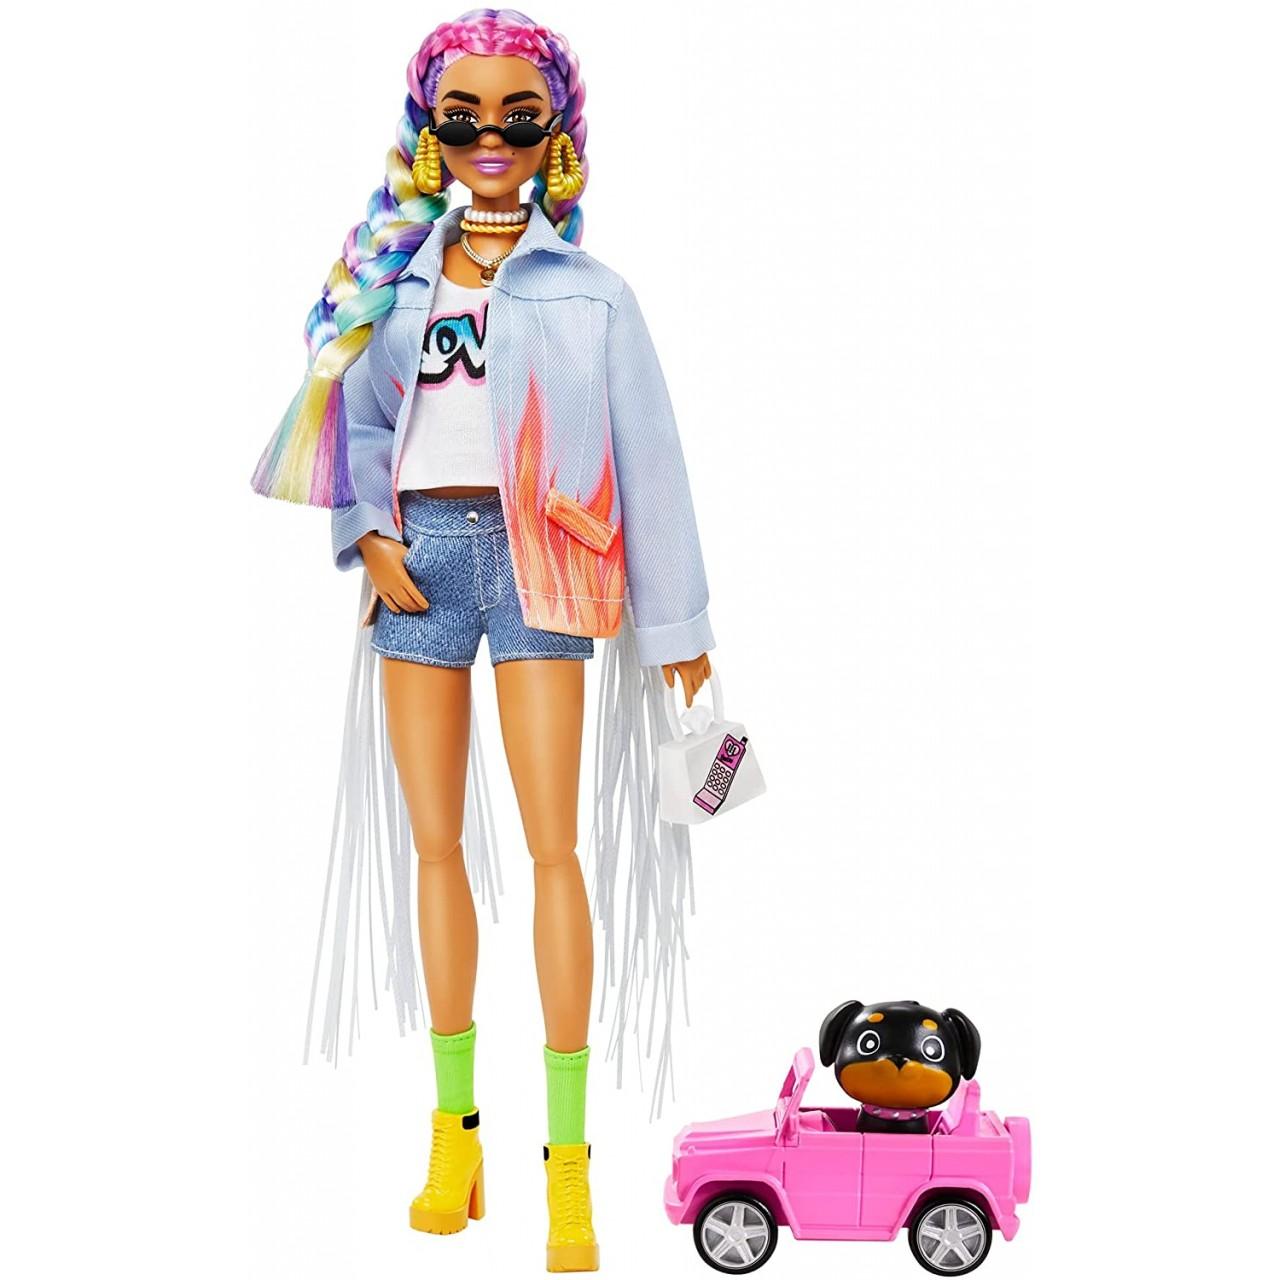 Лялька Barbie Extra з кольоровими косичками в джинсовій куртці (GRN29) від Mattel